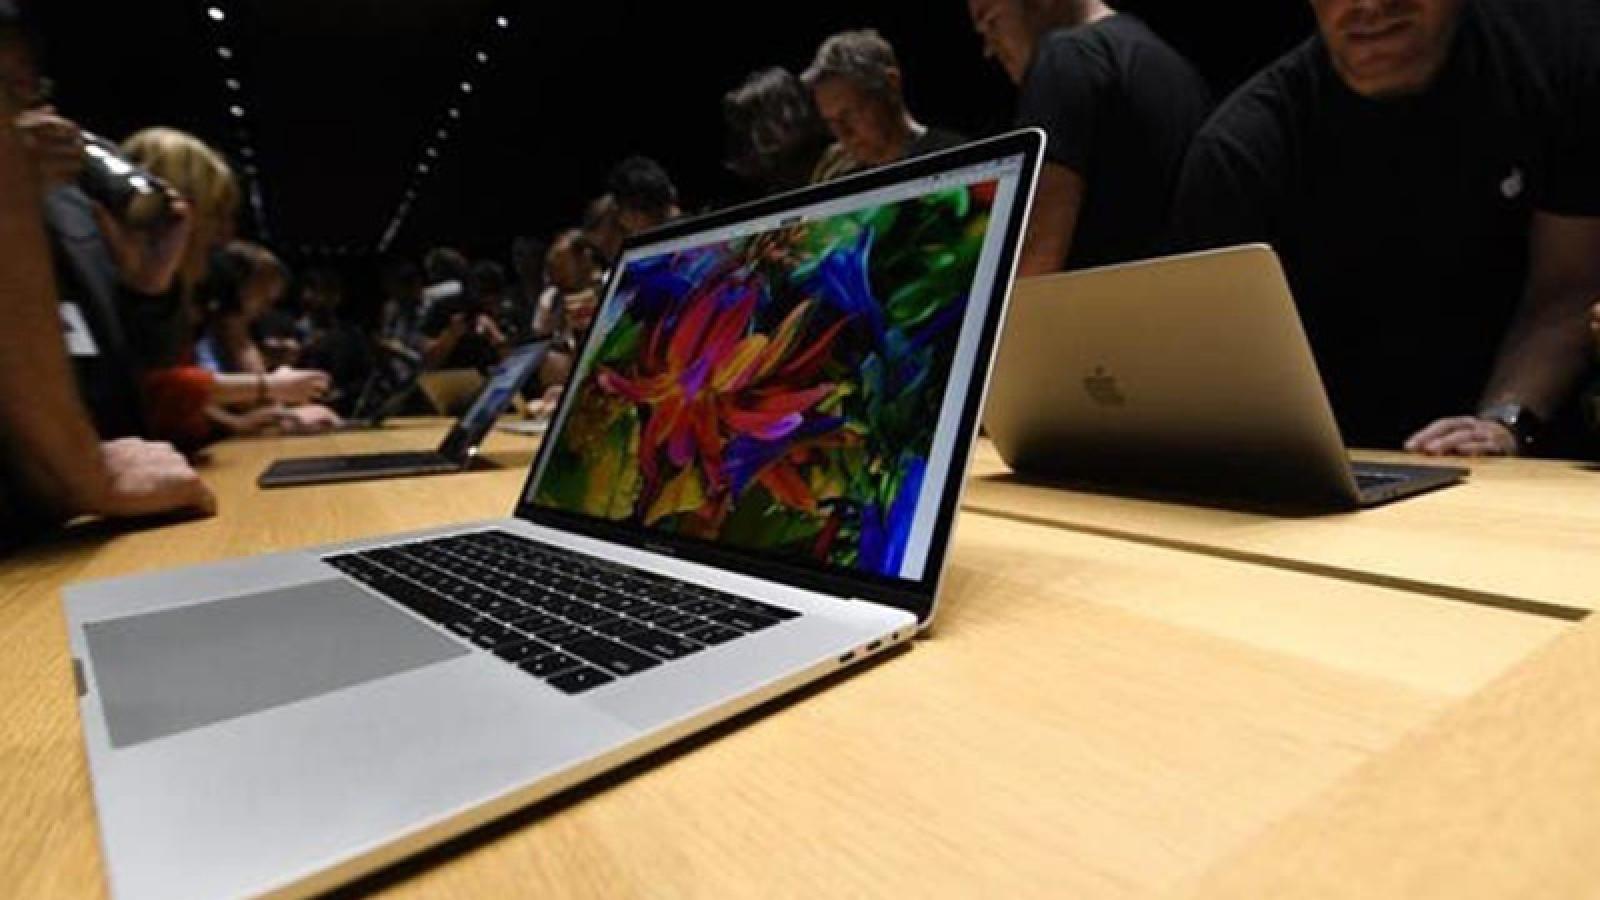 Nhiều mẫu MacBook Pro đang gặp vấn đề, Apple sẽ sửa miễn phí